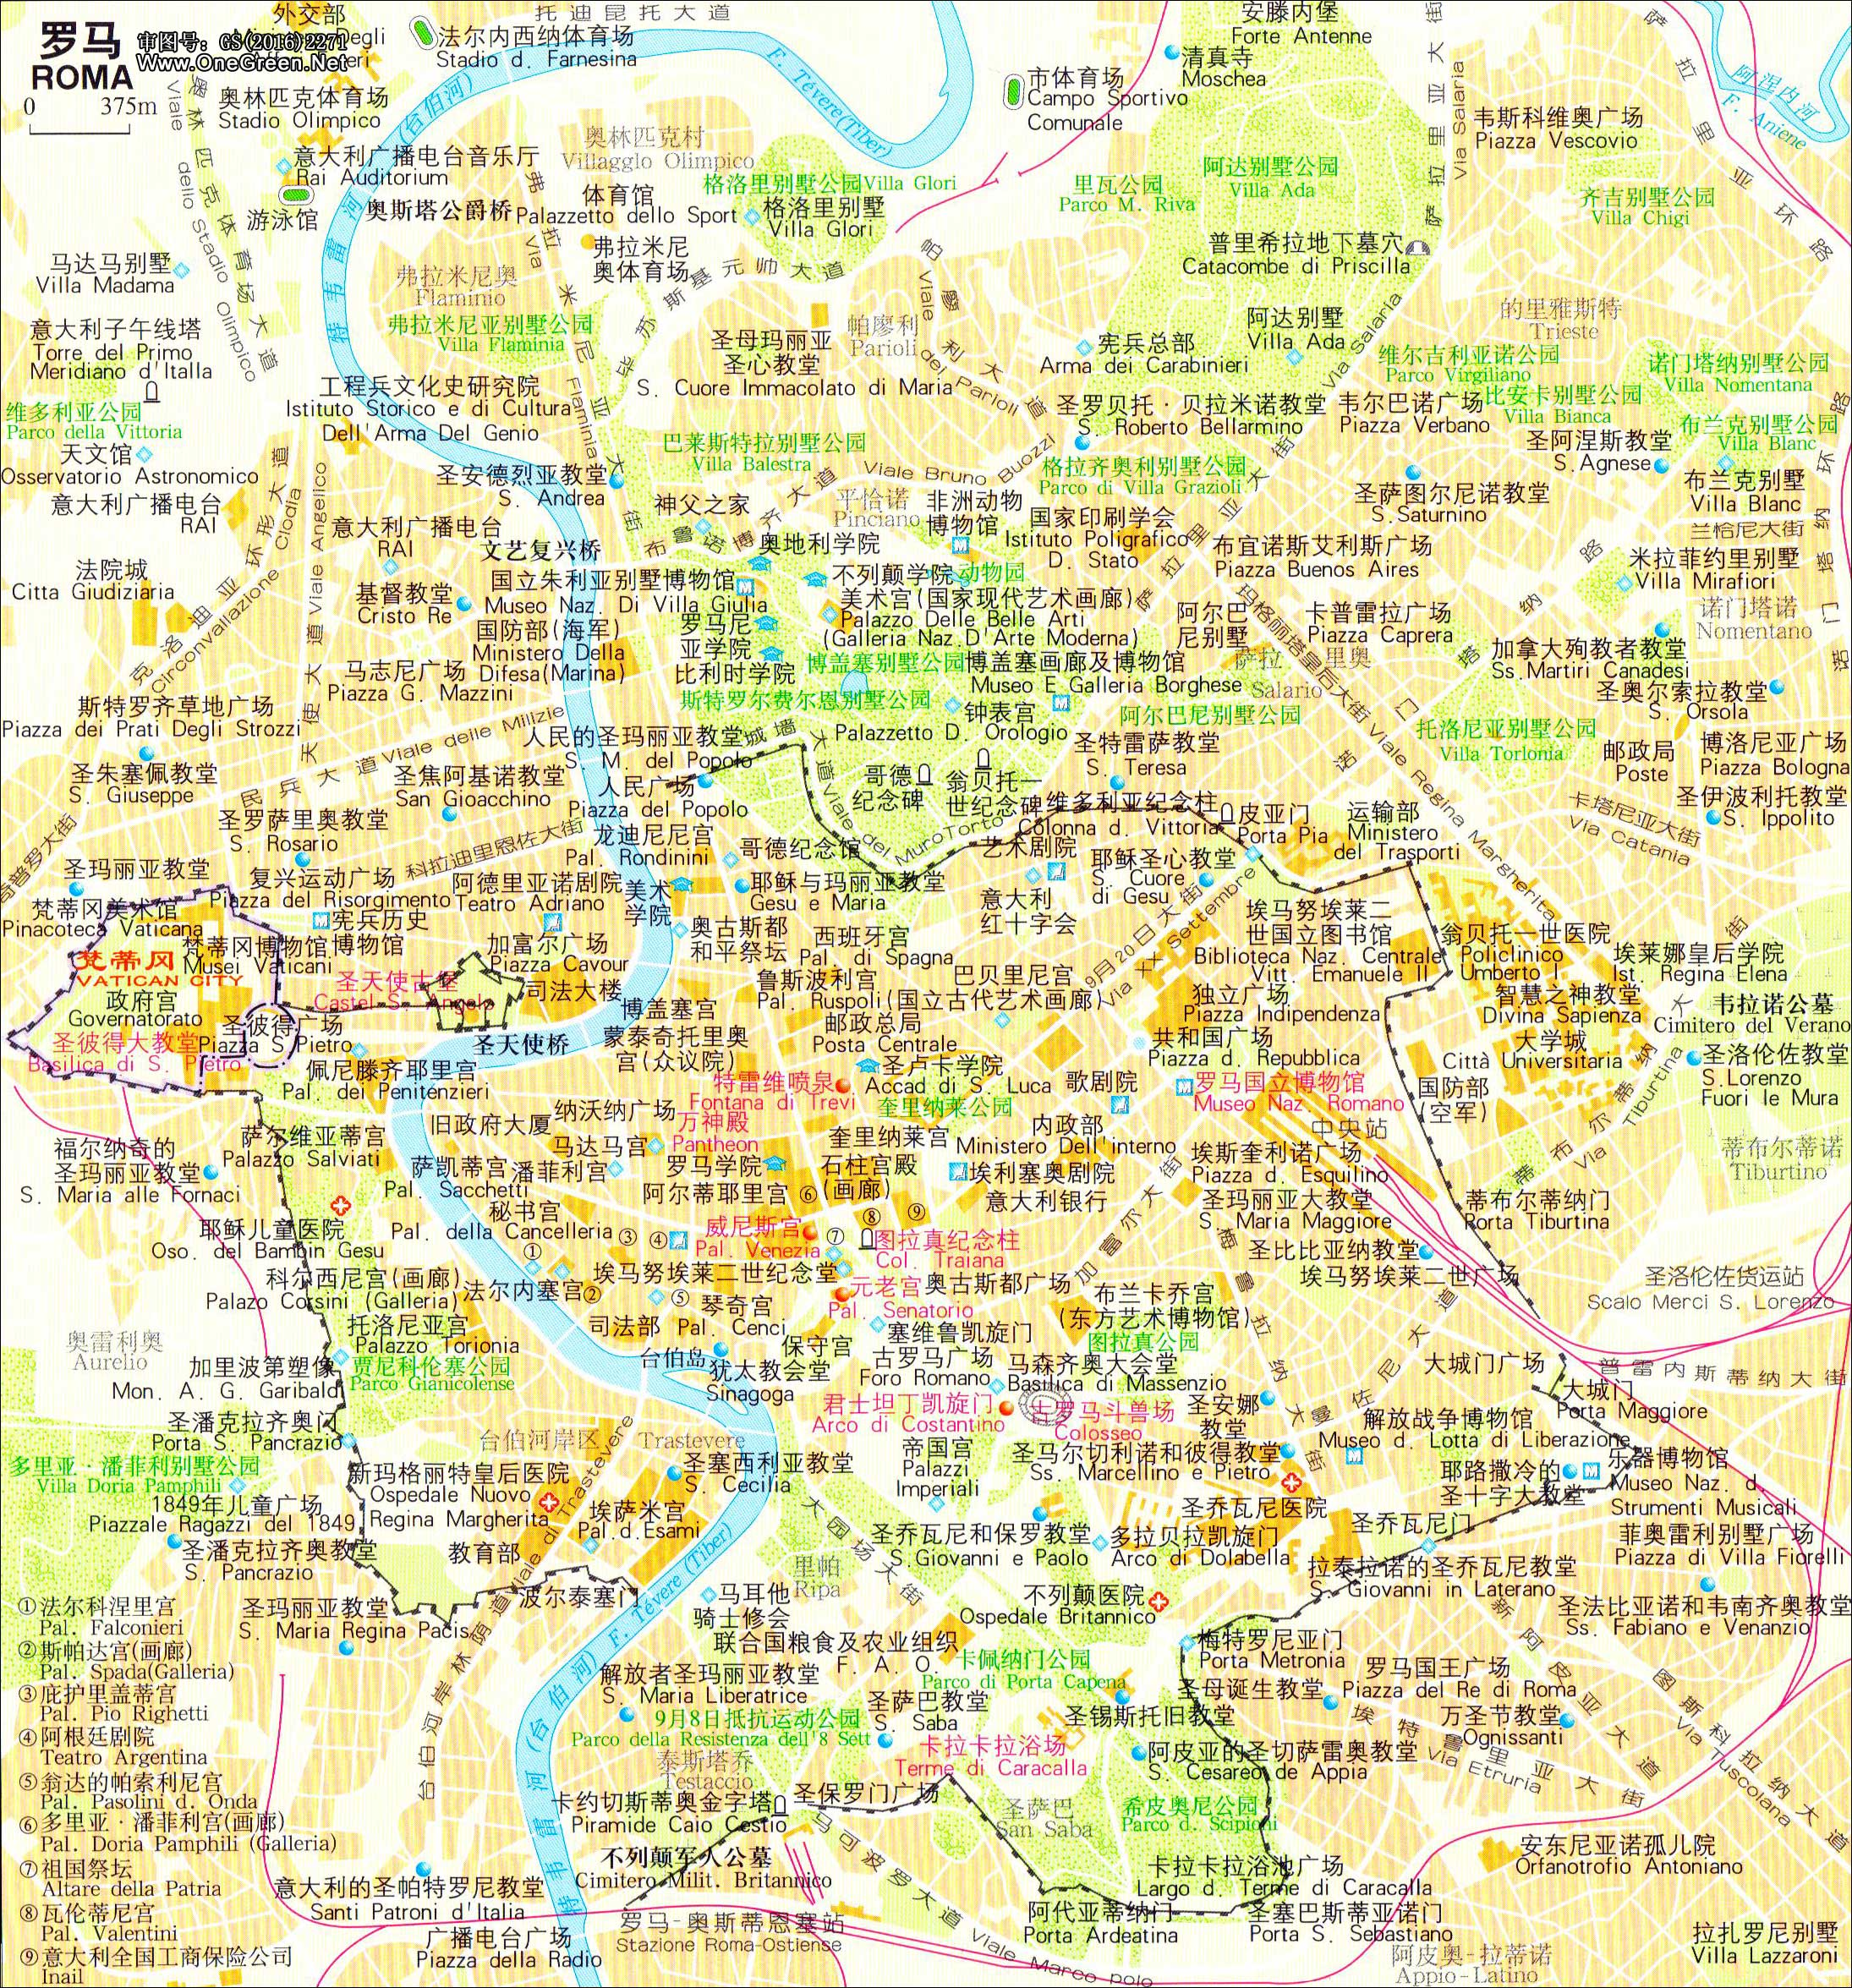 218-273羅馬帝國高清版大地圖 - 城市吧世界地圖 羅馬地圖,羅馬高清版圖片